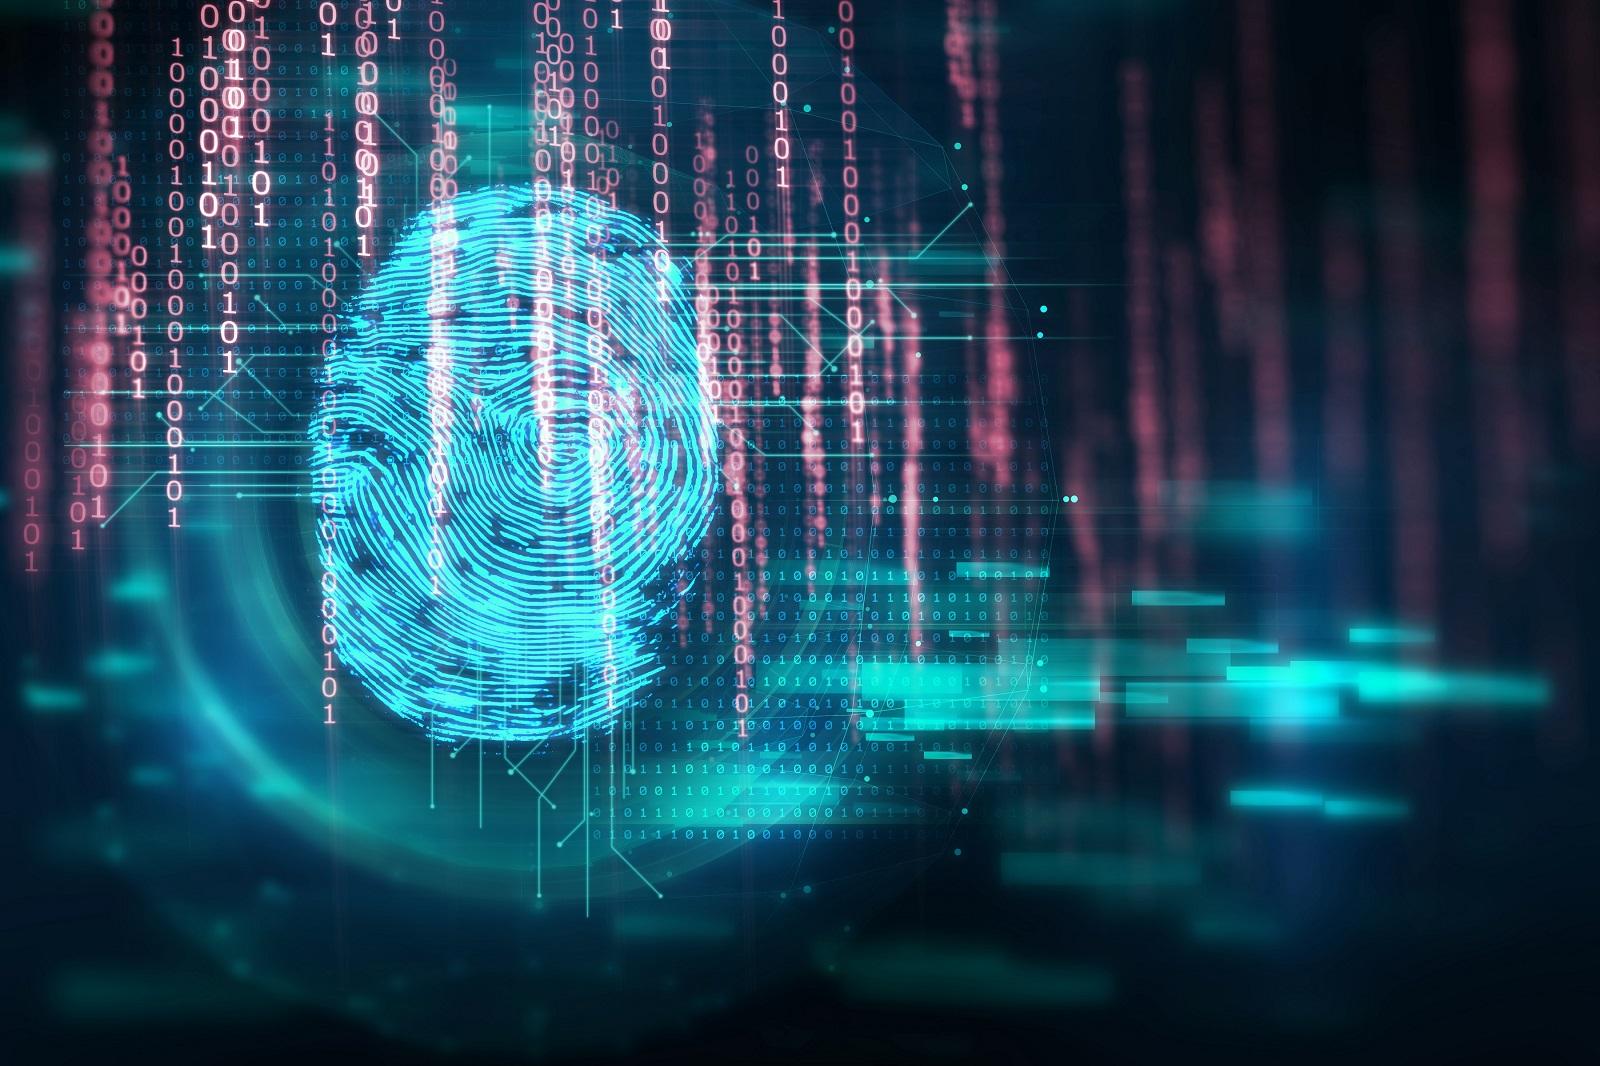 Биометрическая идентификация: тренды и сценарии применения. Доступны материалы конференции